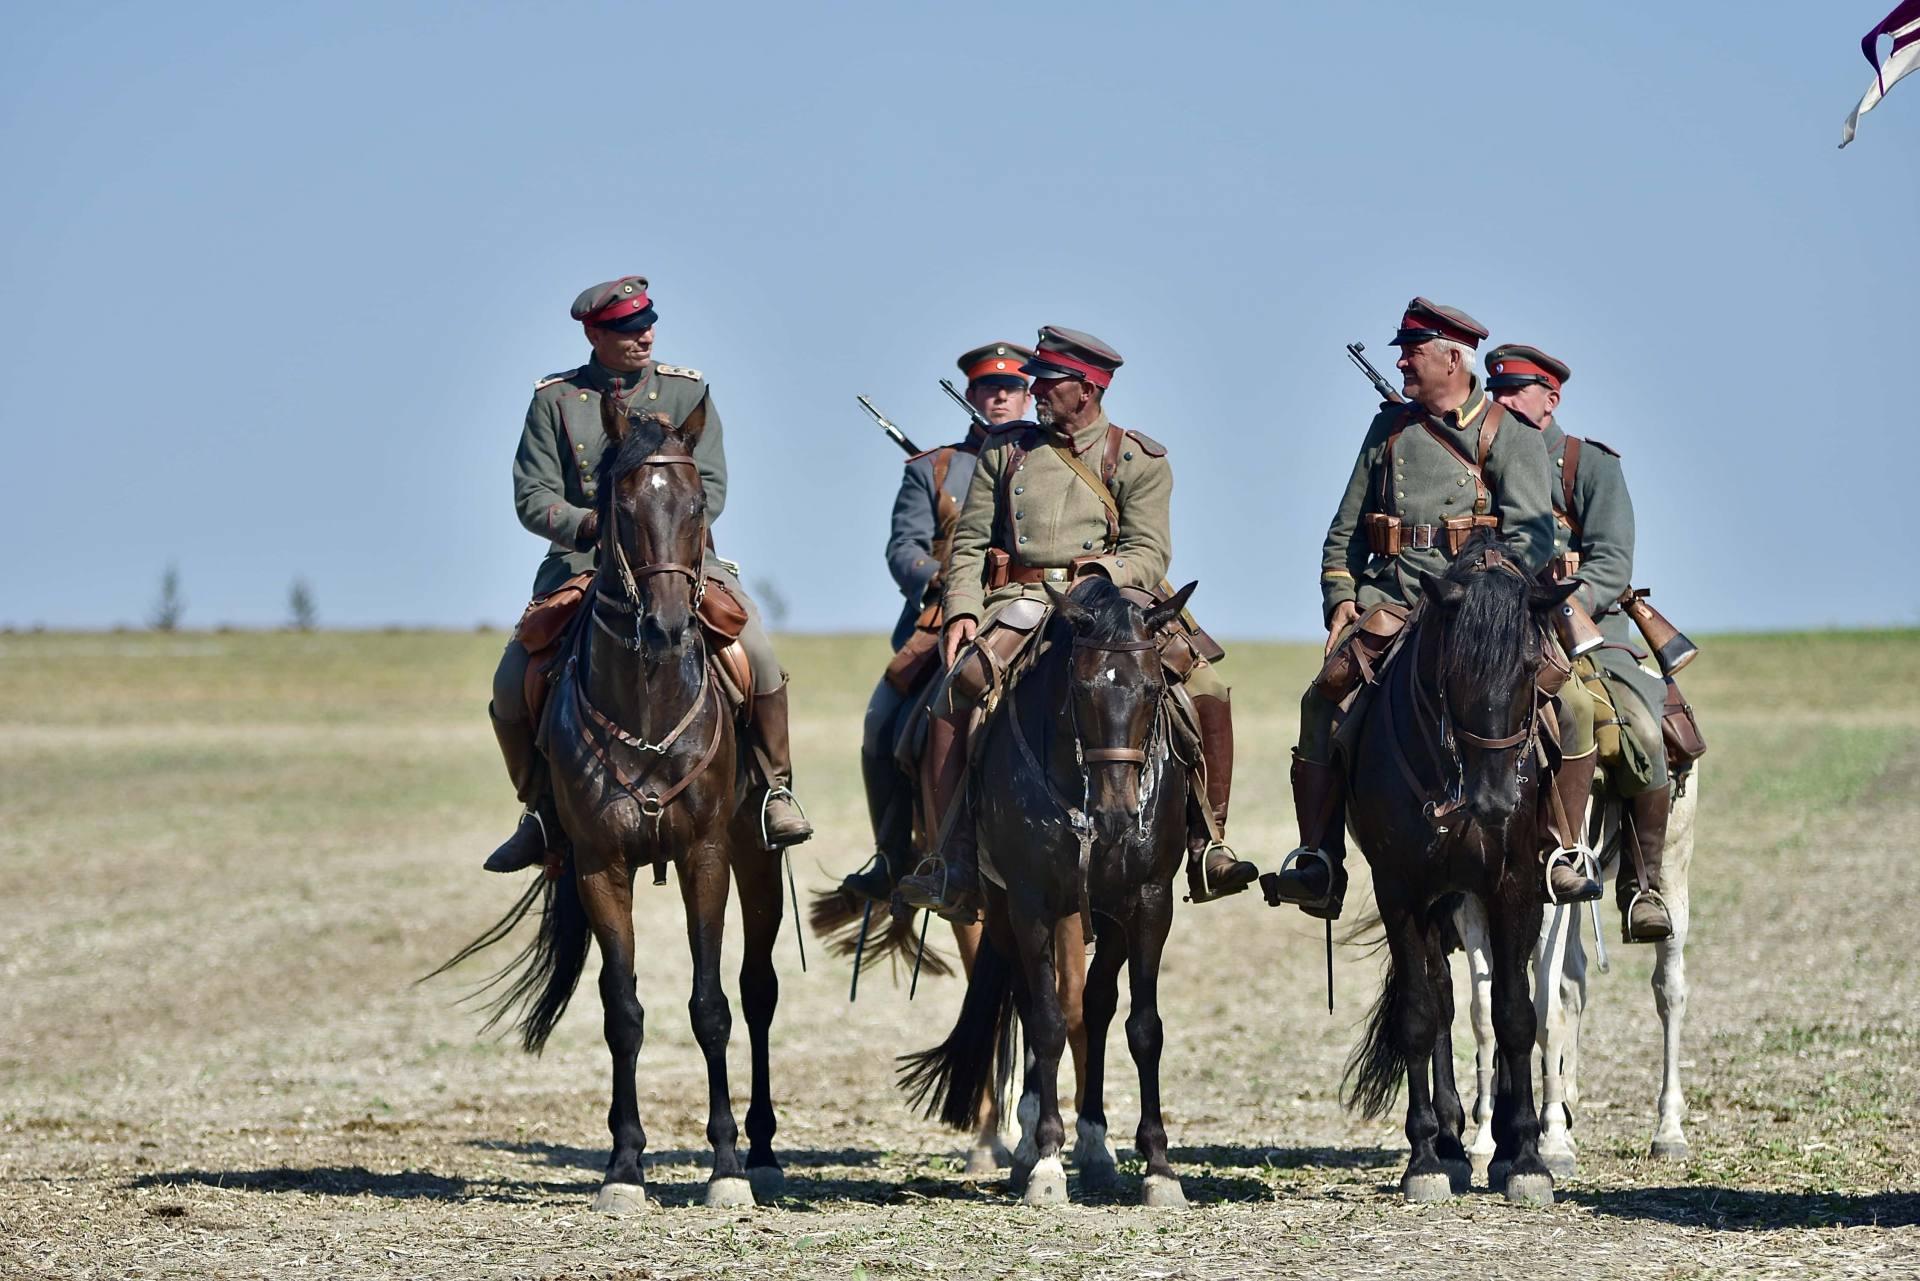 dsc 1196 Czas szabli - 100 rocznica bitwy pod Komarowem(zdjęcia)